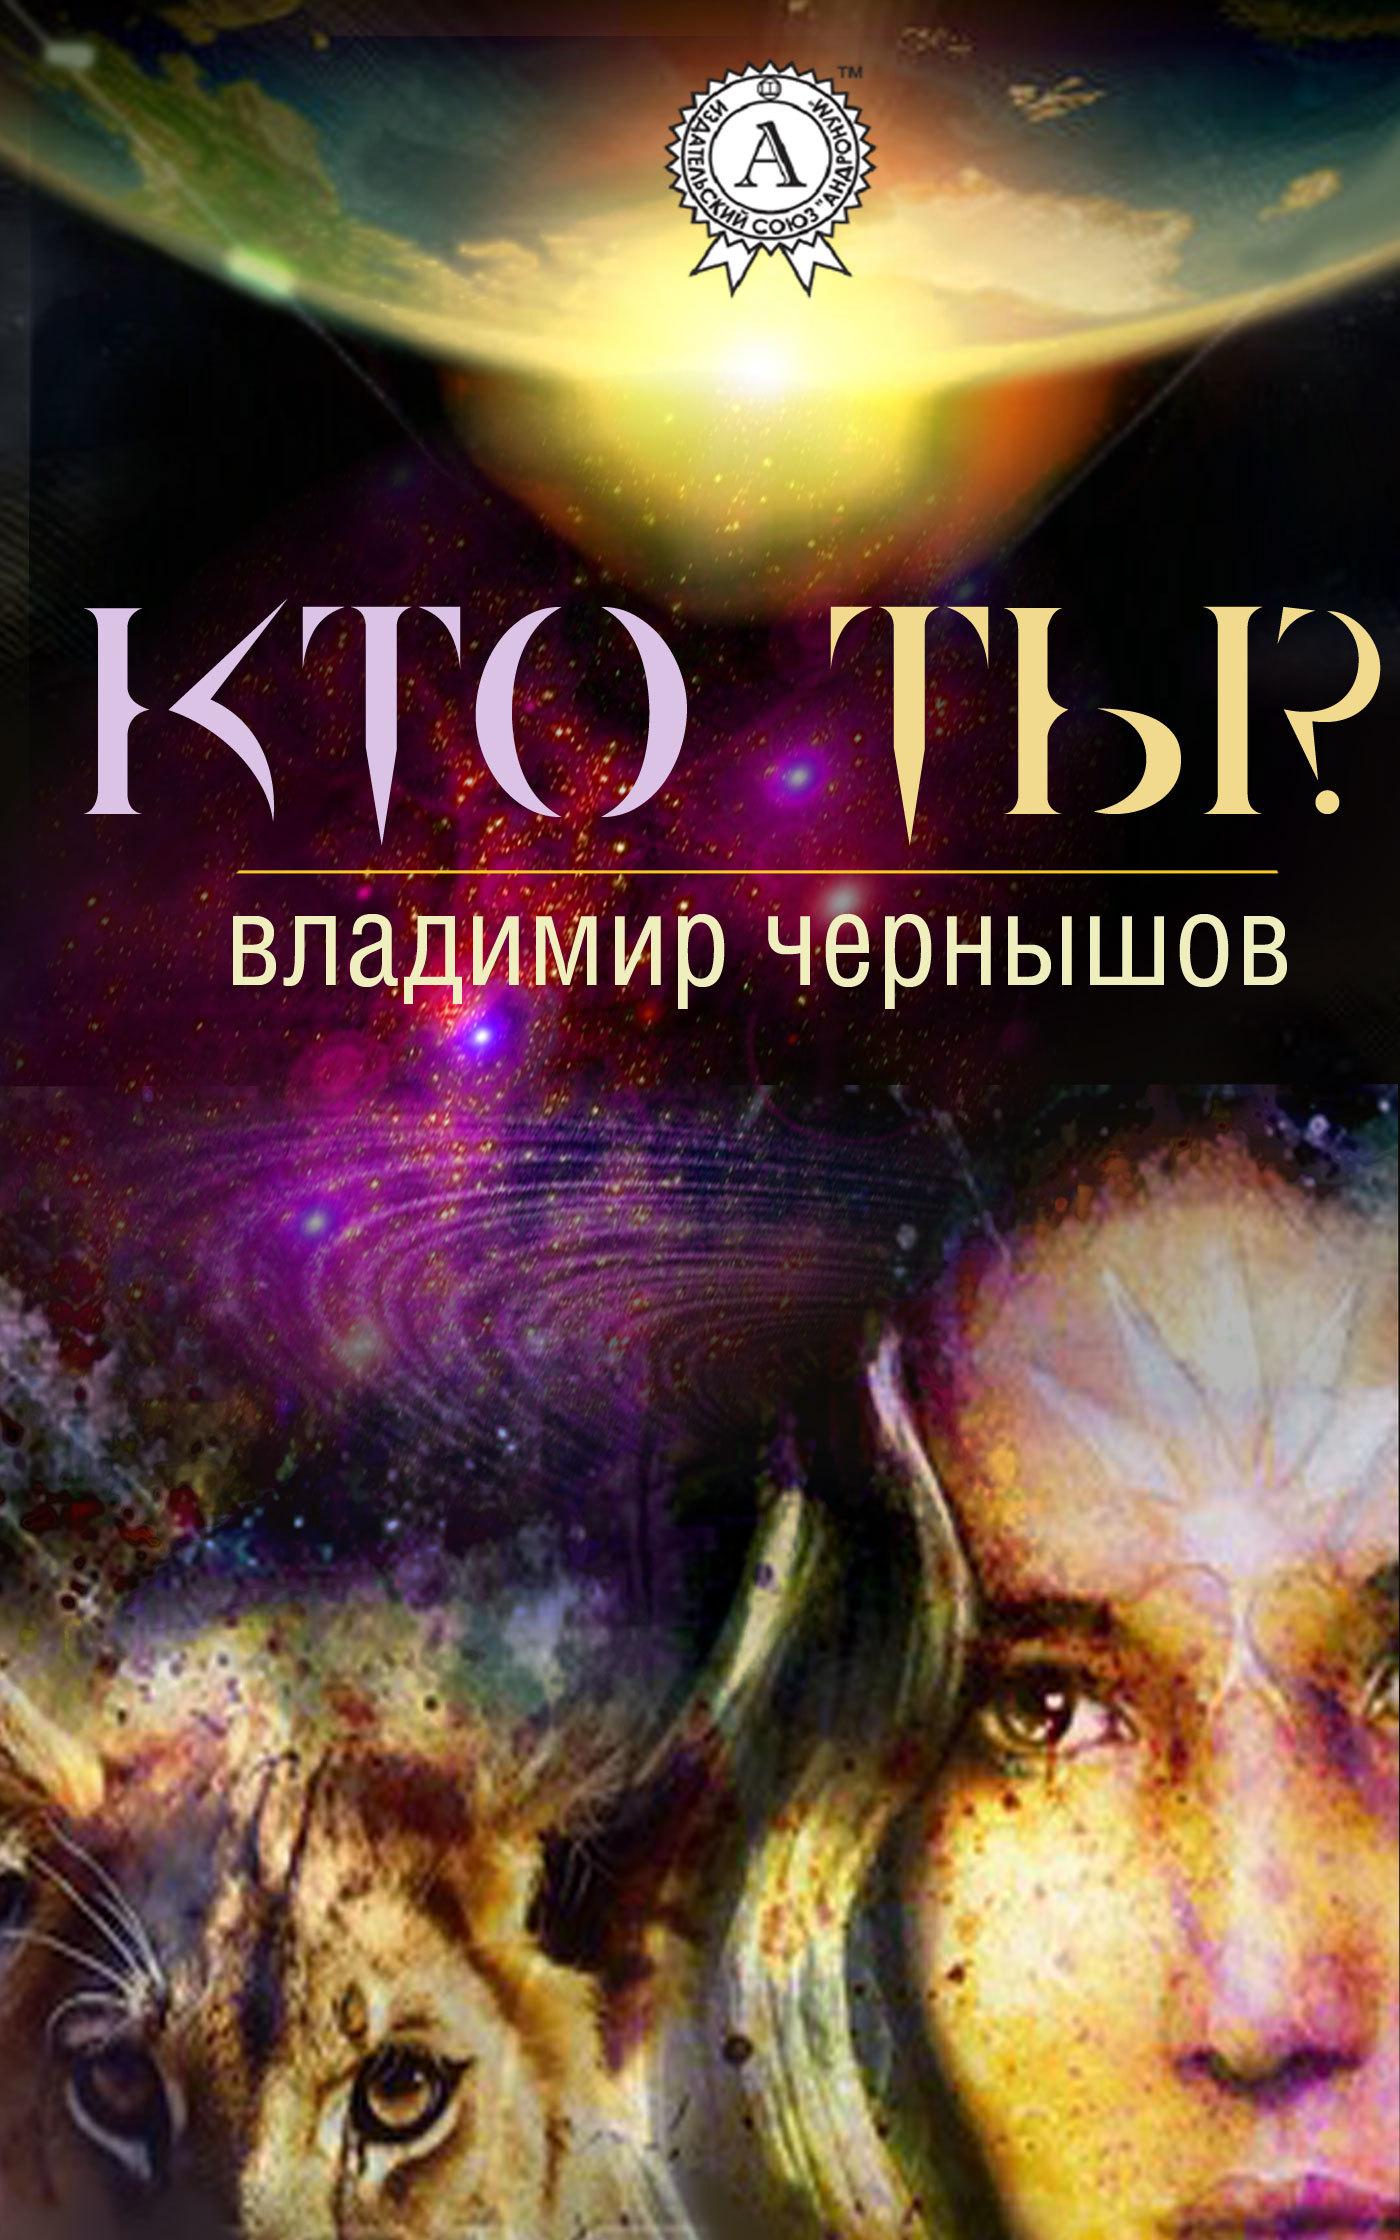 Владимир Чернышов Кто ты? викторина чемпионов человеческое тело время играть clever